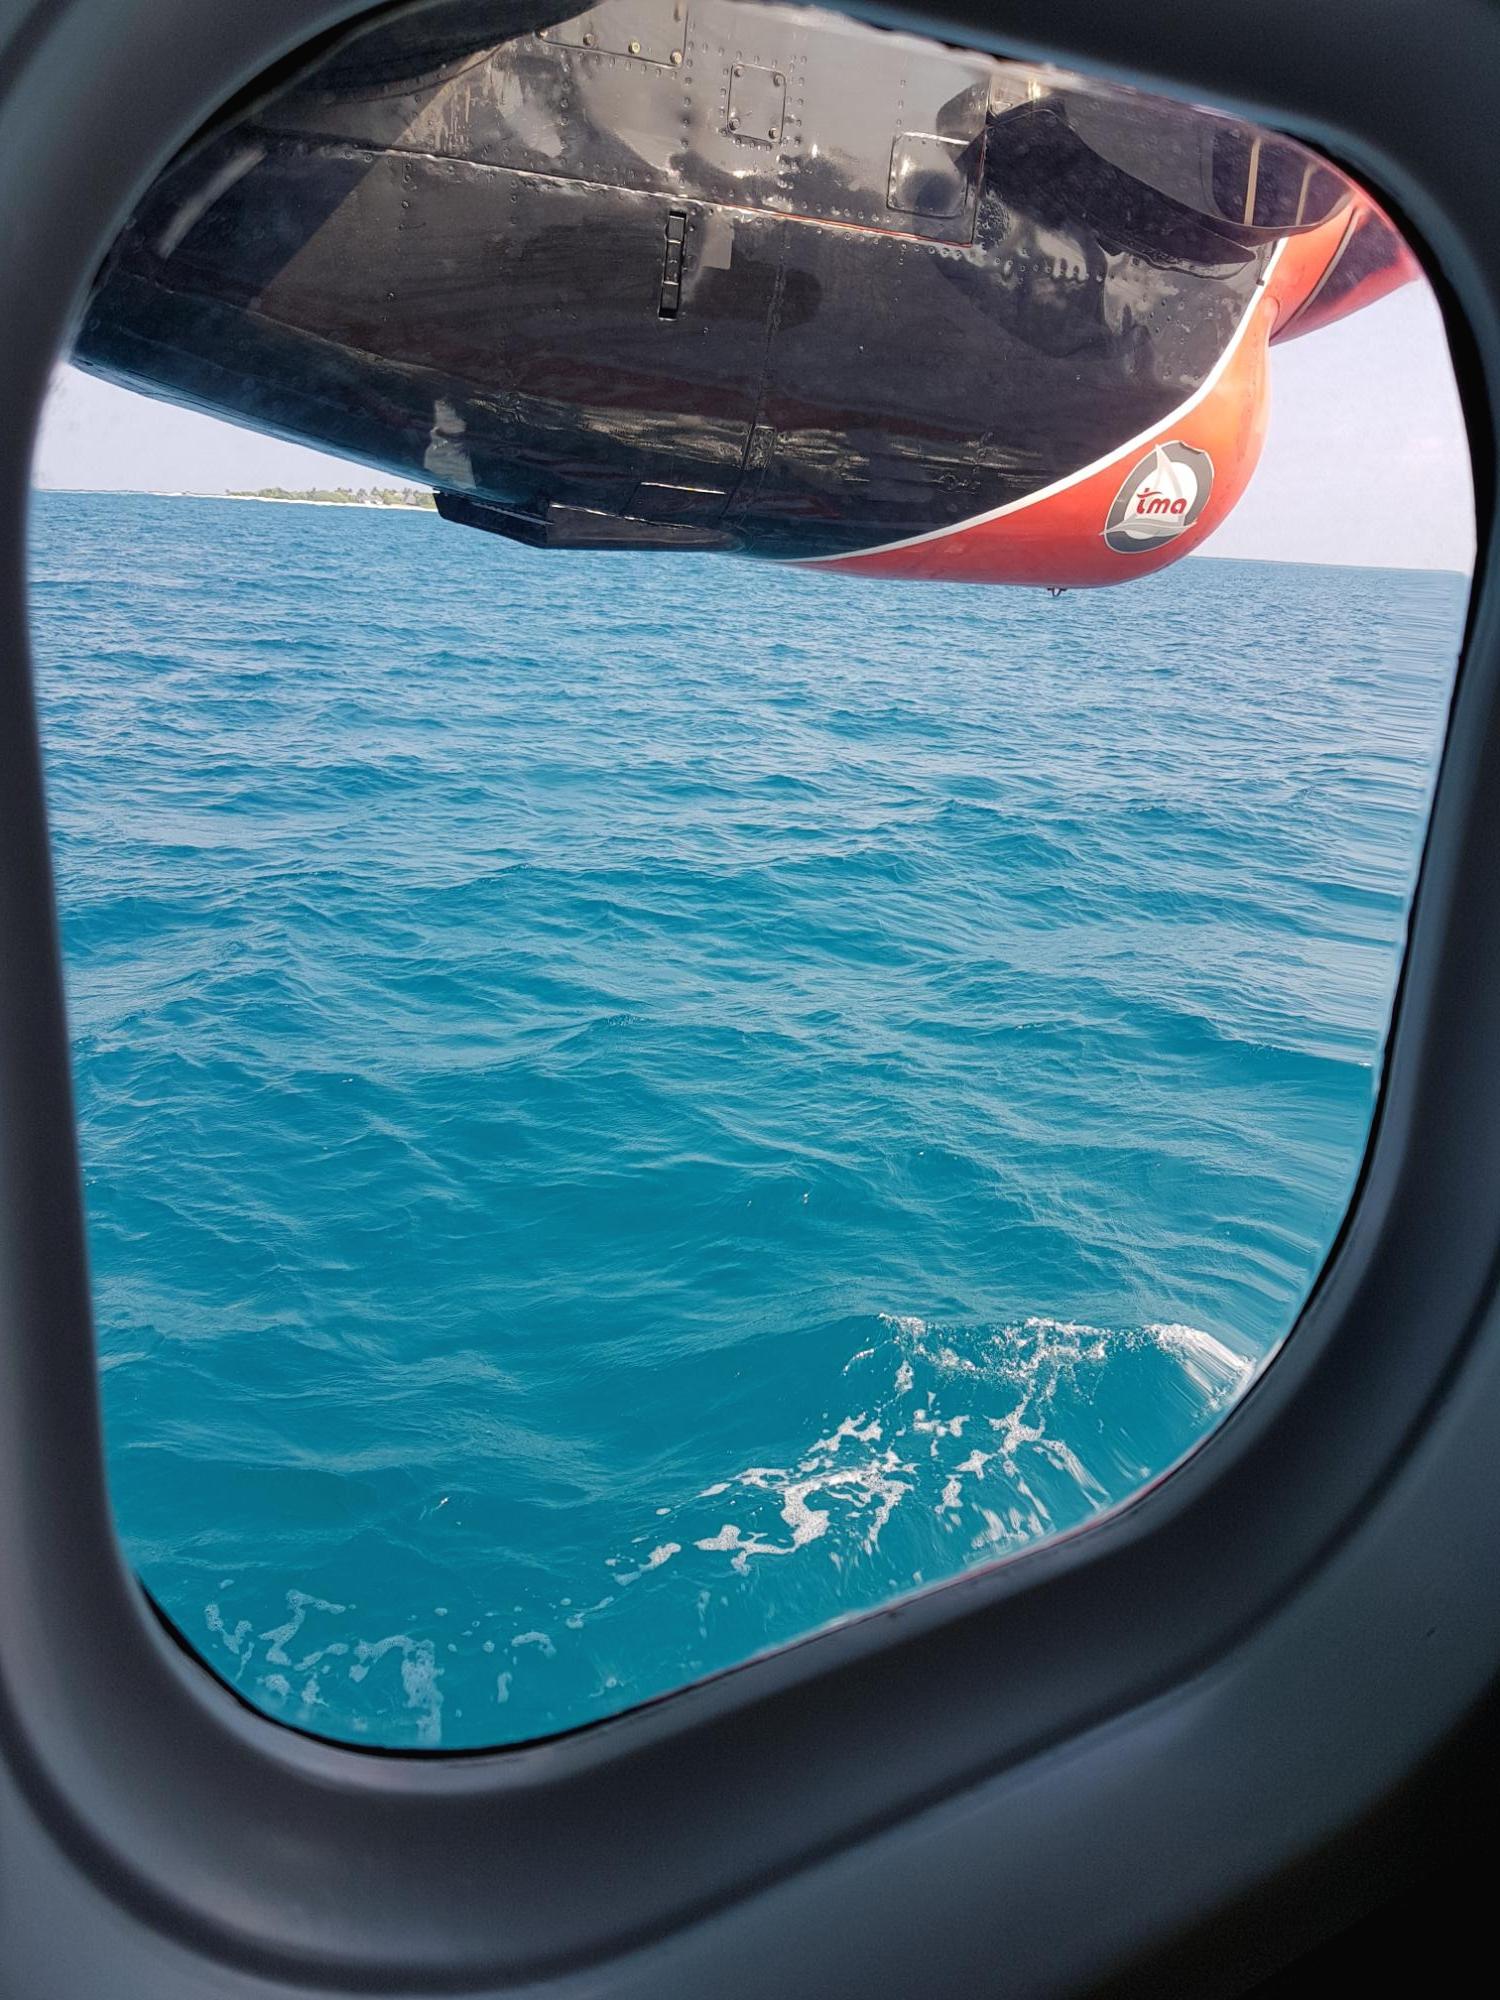 [몰디브] 수상비행기 타고 리조트 가기! 몰디브공항/seaplane/Ellaidhoo Maldives By Cinnamon